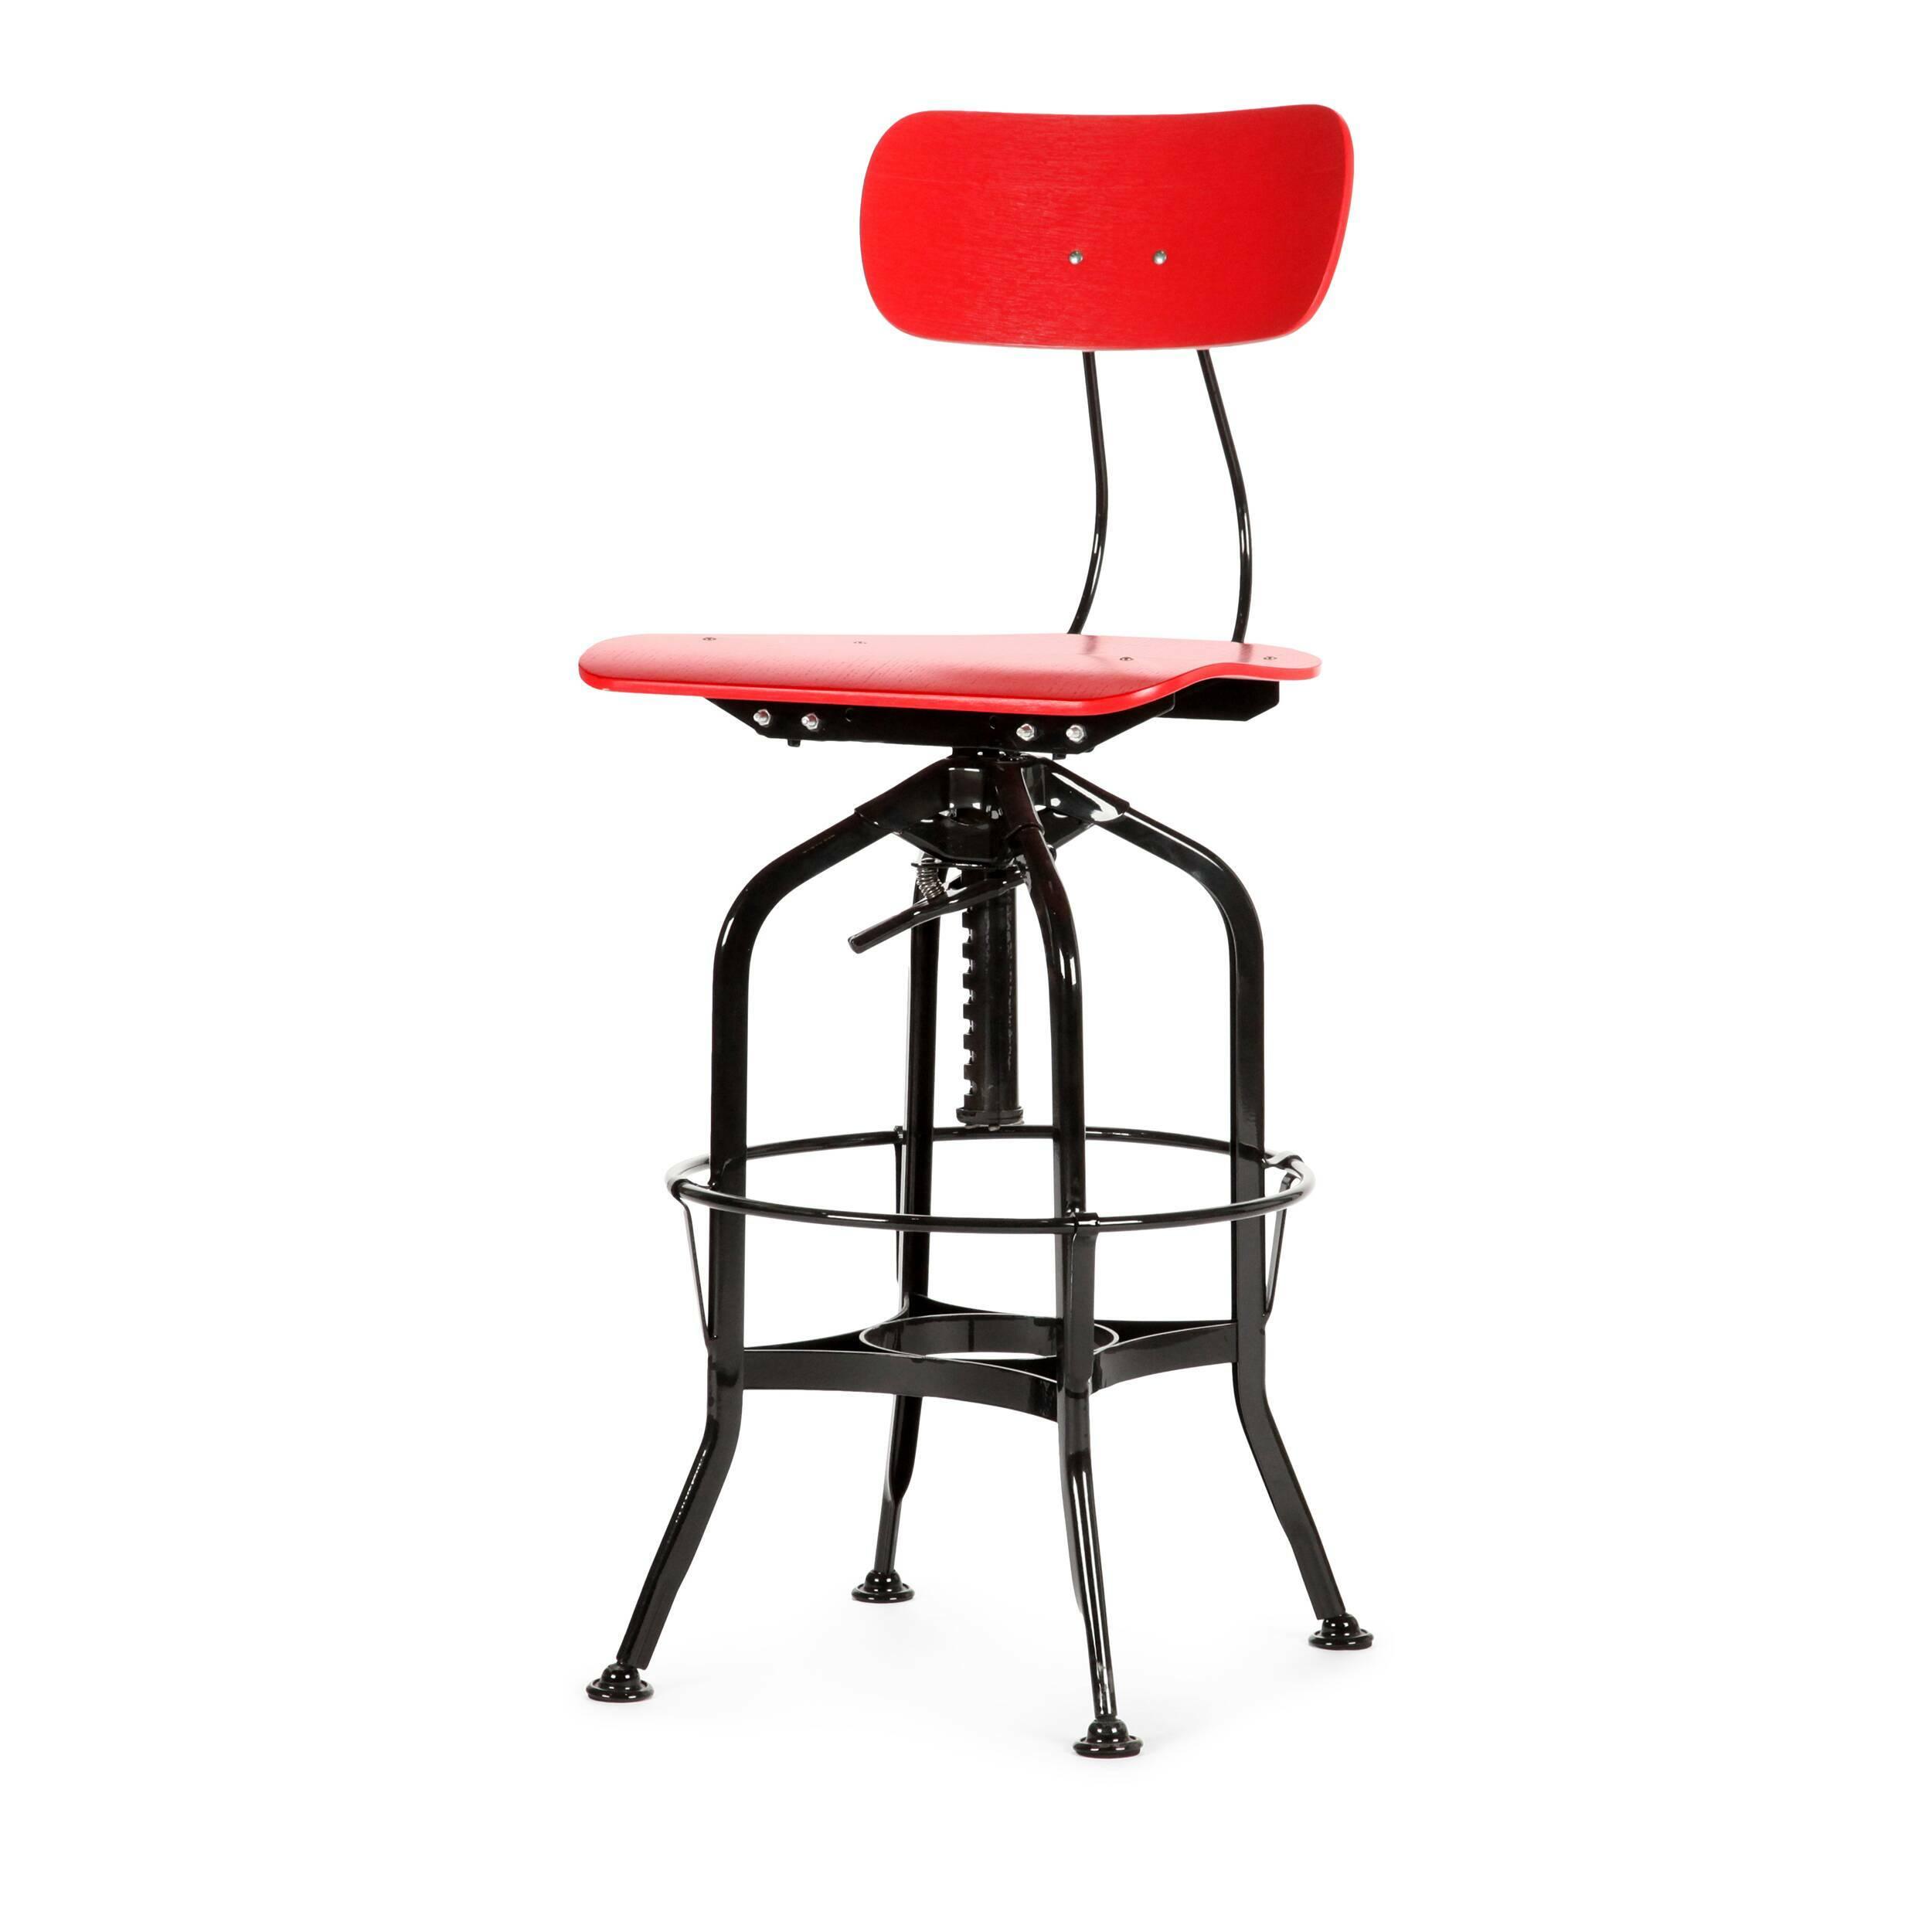 Барный стул Toledo WoodБарные<br>Дизайнерский цветной барный стул Toledo Wood (Толедо Вуд) из фанеры на черных ножках от Cosmo (Космо). <br><br> Целевыми помещениями для использования стульев Toledo изначально были офисы, заводы, аптеки и тому подобные места. Однако под влиянием веяний модных дизайнерских тенденций появилась новая модель — для ресторанов, молодежных клубов и баров.<br><br><br> Замысловатый каркас из стали, выполненный в черном или металлическом цвете, представлен системой «паучьи лапки», как назвали это сами дизайне...<br><br>stock: 30<br>Высота: 97<br>Высота сиденья: 64-75<br>Ширина: 42<br>Глубина: 48<br>Цвет ножек: Черный<br>Материал сидения: Фанера, шпон дуба<br>Цвет сидения: Красный<br>Тип материала сидения: Фанера<br>Тип материала ножек: Сталь